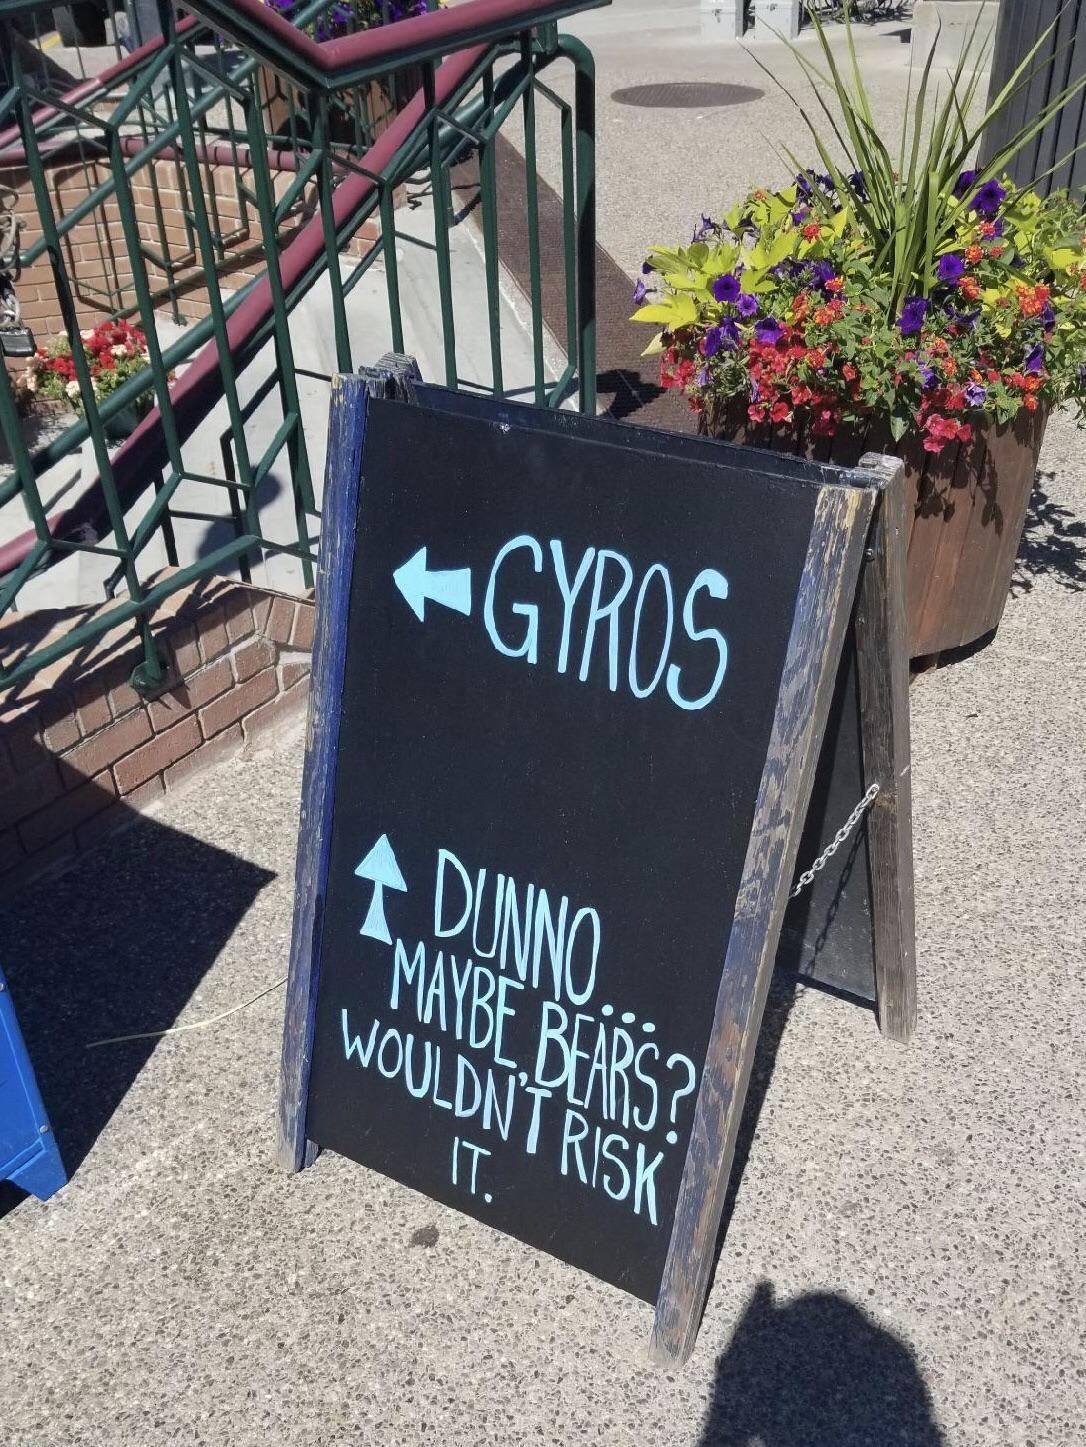 Guess I'm having gyros for dinner